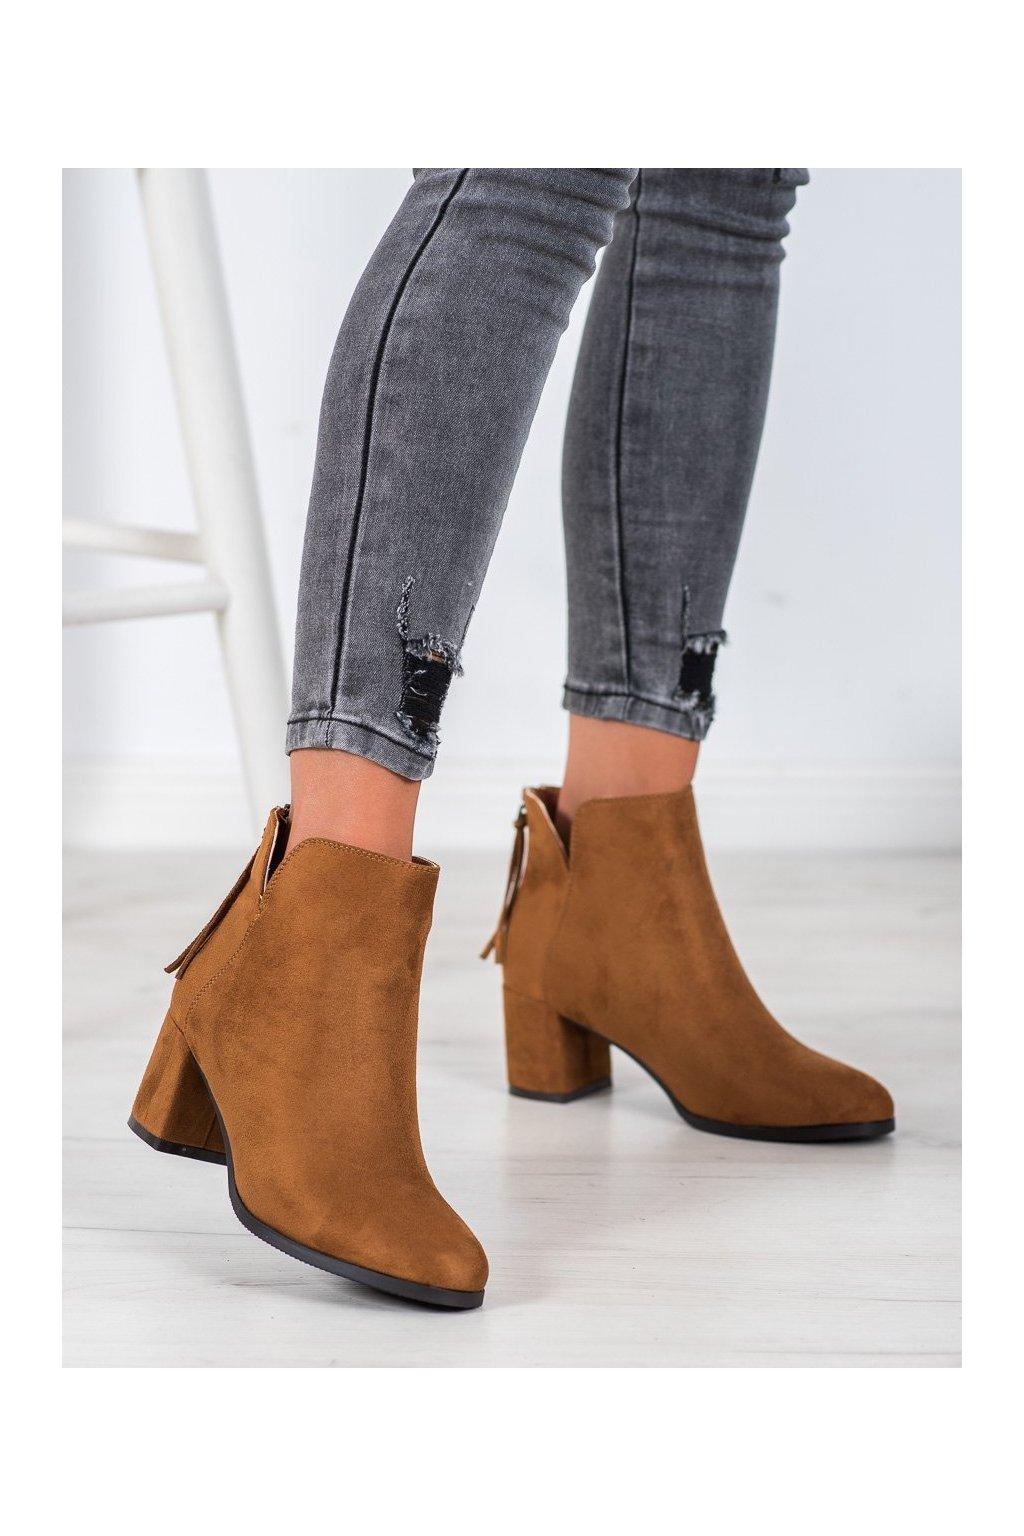 Hnedé dámske topánky Vinceza kod HX21-16092C